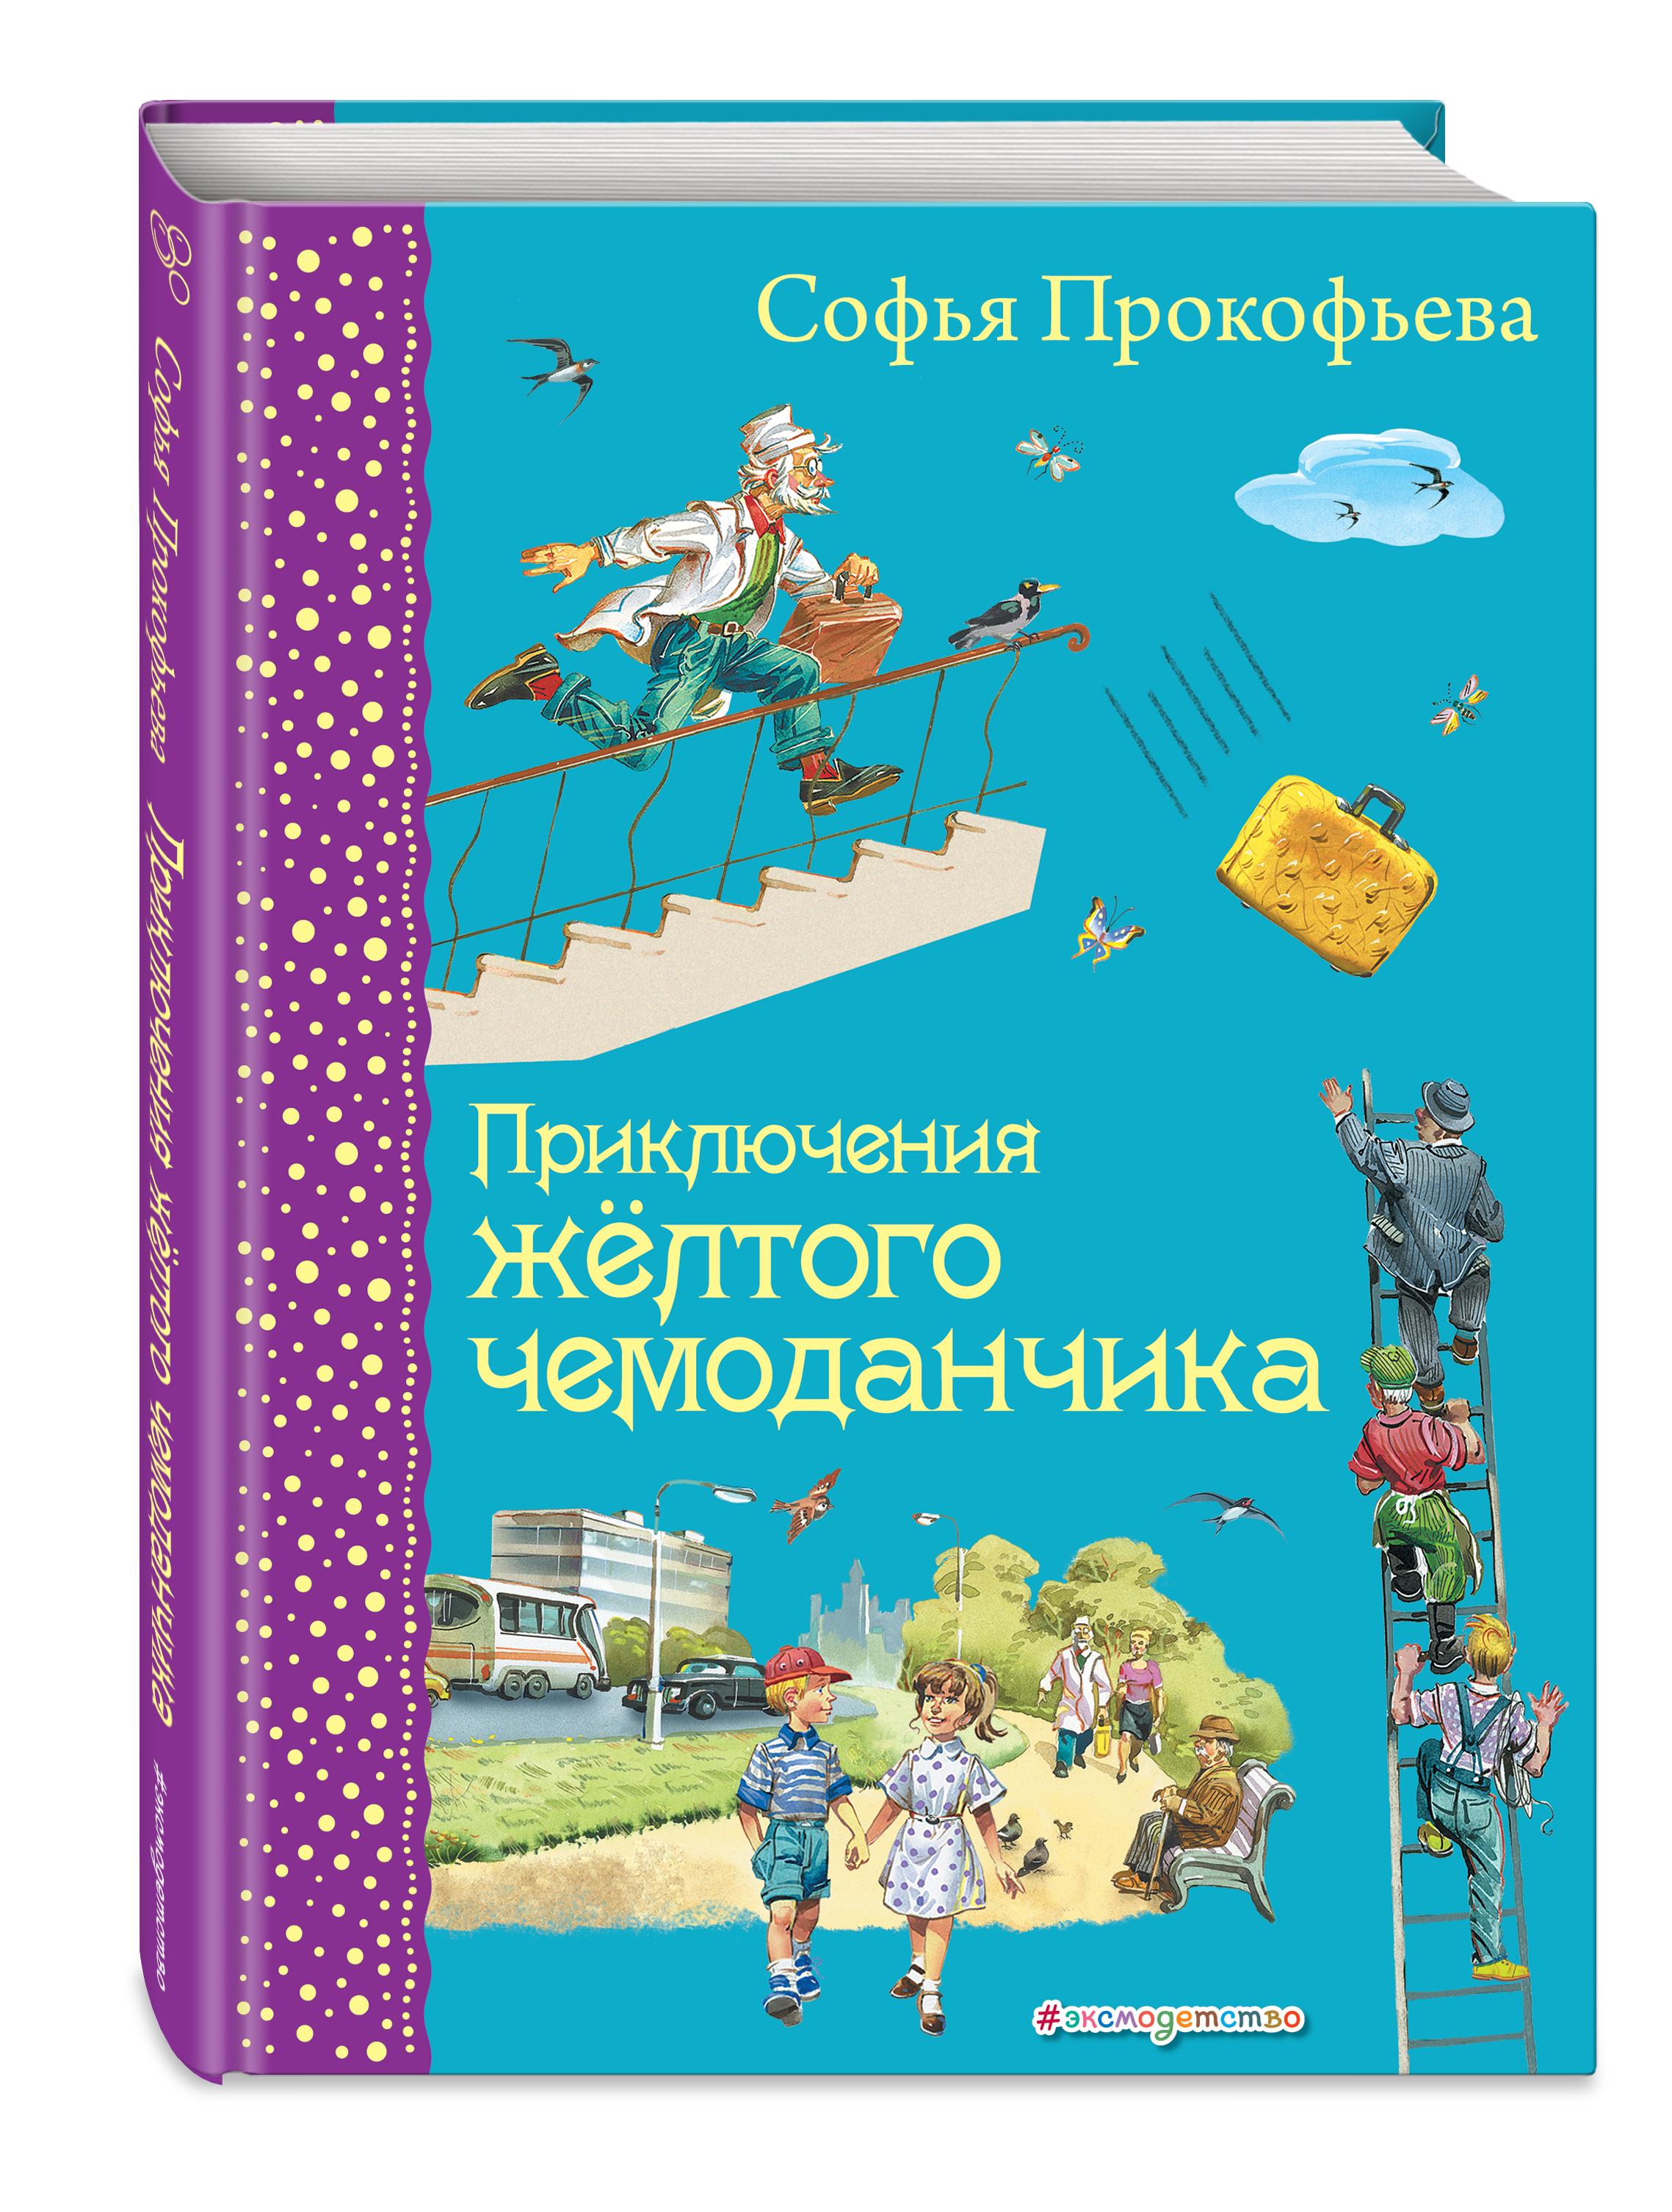 Софья Прокофьева Приключения желтого чемоданчика (ил. В. Канивца)